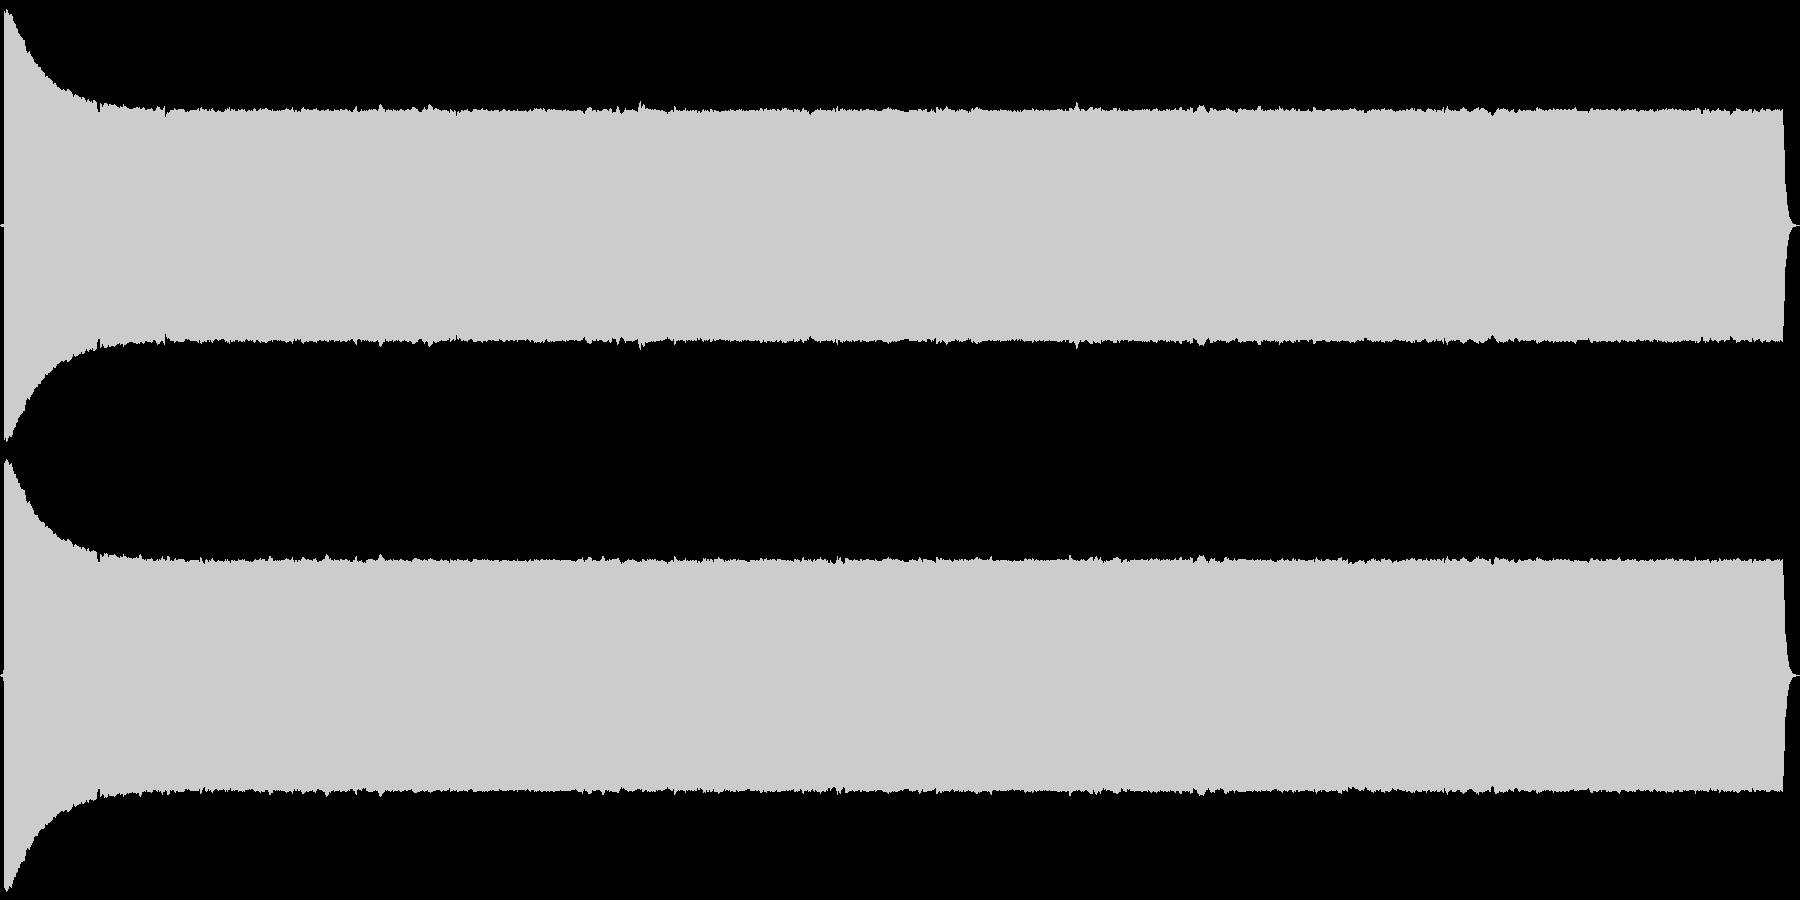 ポヨヨヨヨ。言葉を伏せる音(低・長)の未再生の波形